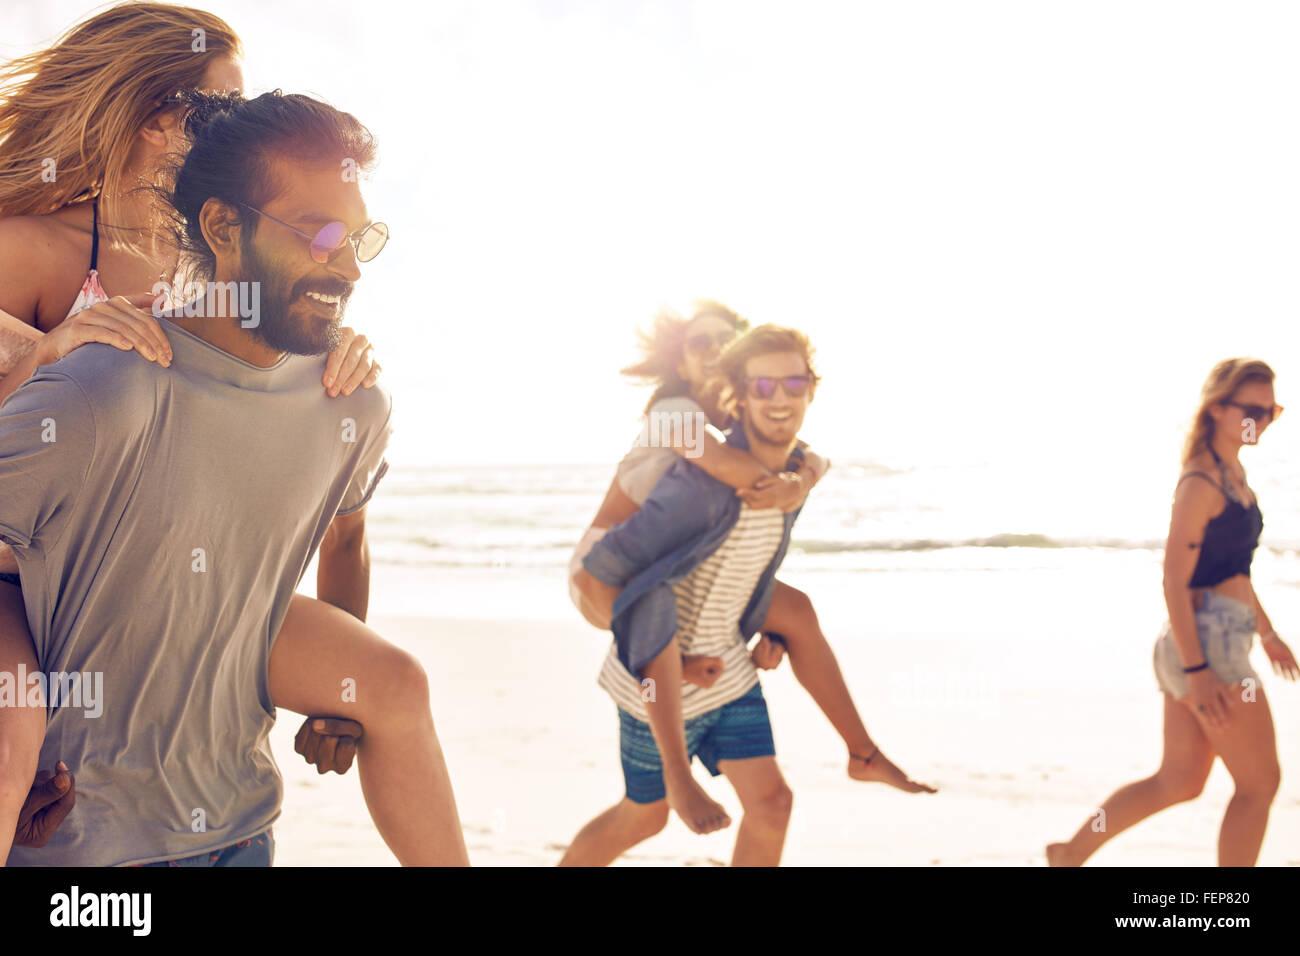 Grupo de Amigos divirtiéndose en la playa, hombres jóvenes incorporar mujeres a la orilla del mar. Raza Imagen De Stock